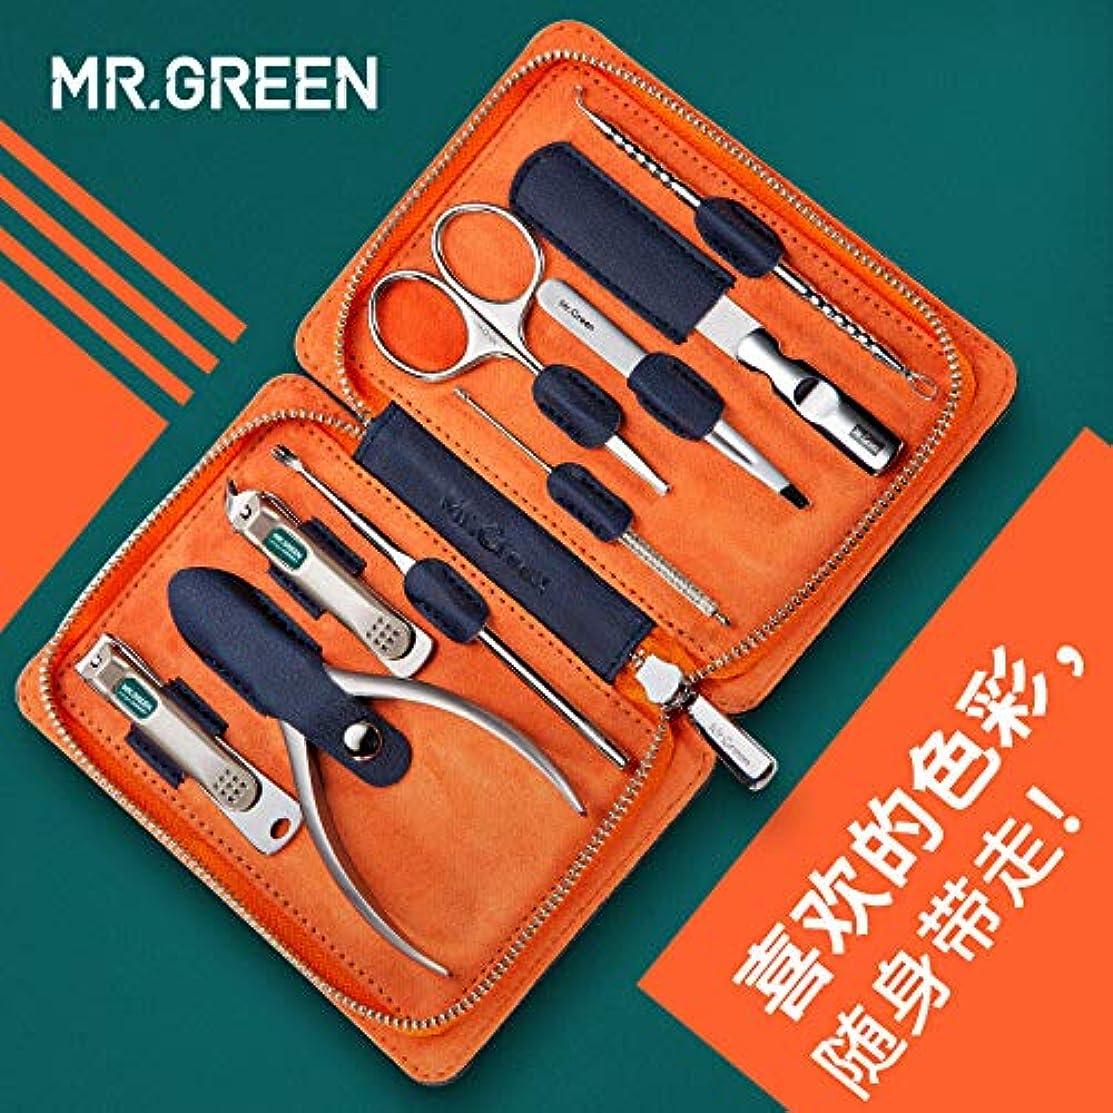 閉塞哀服を着るMR.GREEN輸入ステンレス爪切りセットペディキュア家庭用爪切り爪切り爪切りセット9青Mr-6019